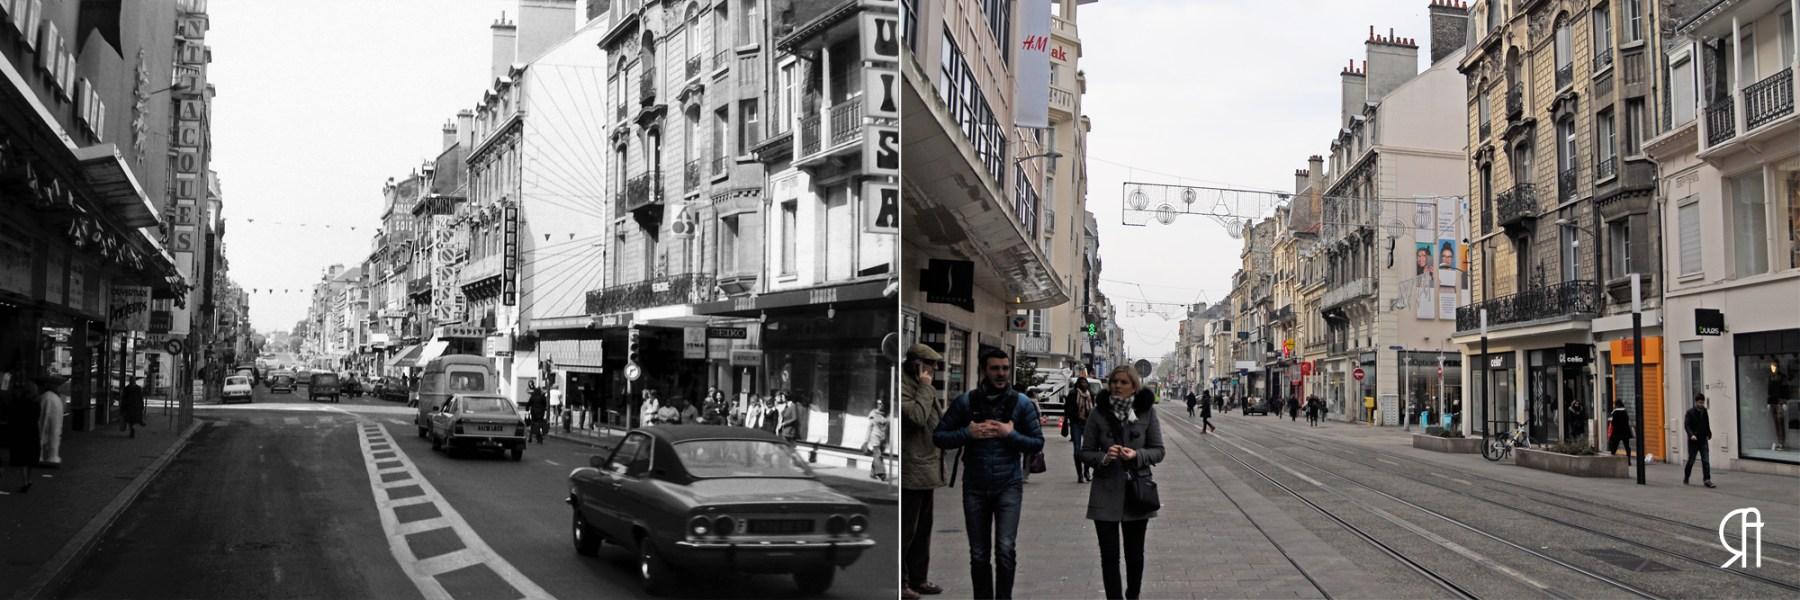 1977-05-14-rue-de-vesle-2